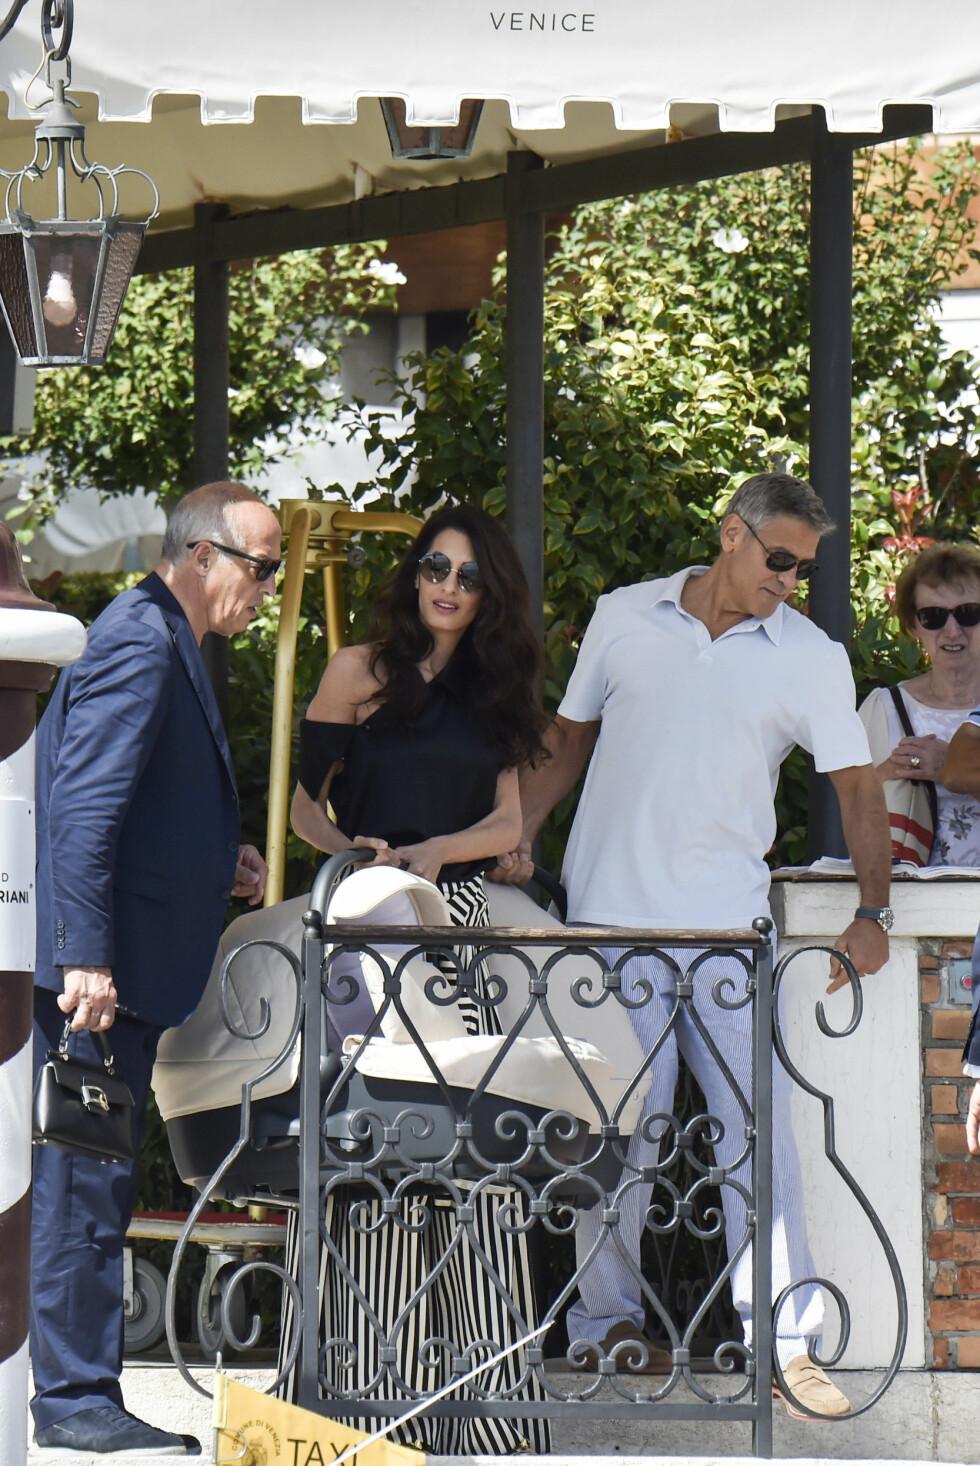 TVILLINGFAR: Skuespiller George Clooney ble far for aller første gang i denne sommeren - i en alder av 56 år. Han og kona Amal Clooney ble foreldre til tvillingene Ella og Alexander i juni. Vi gleder oss til å se mer av dem i tiden fremover! Foto: NTB Scanpix